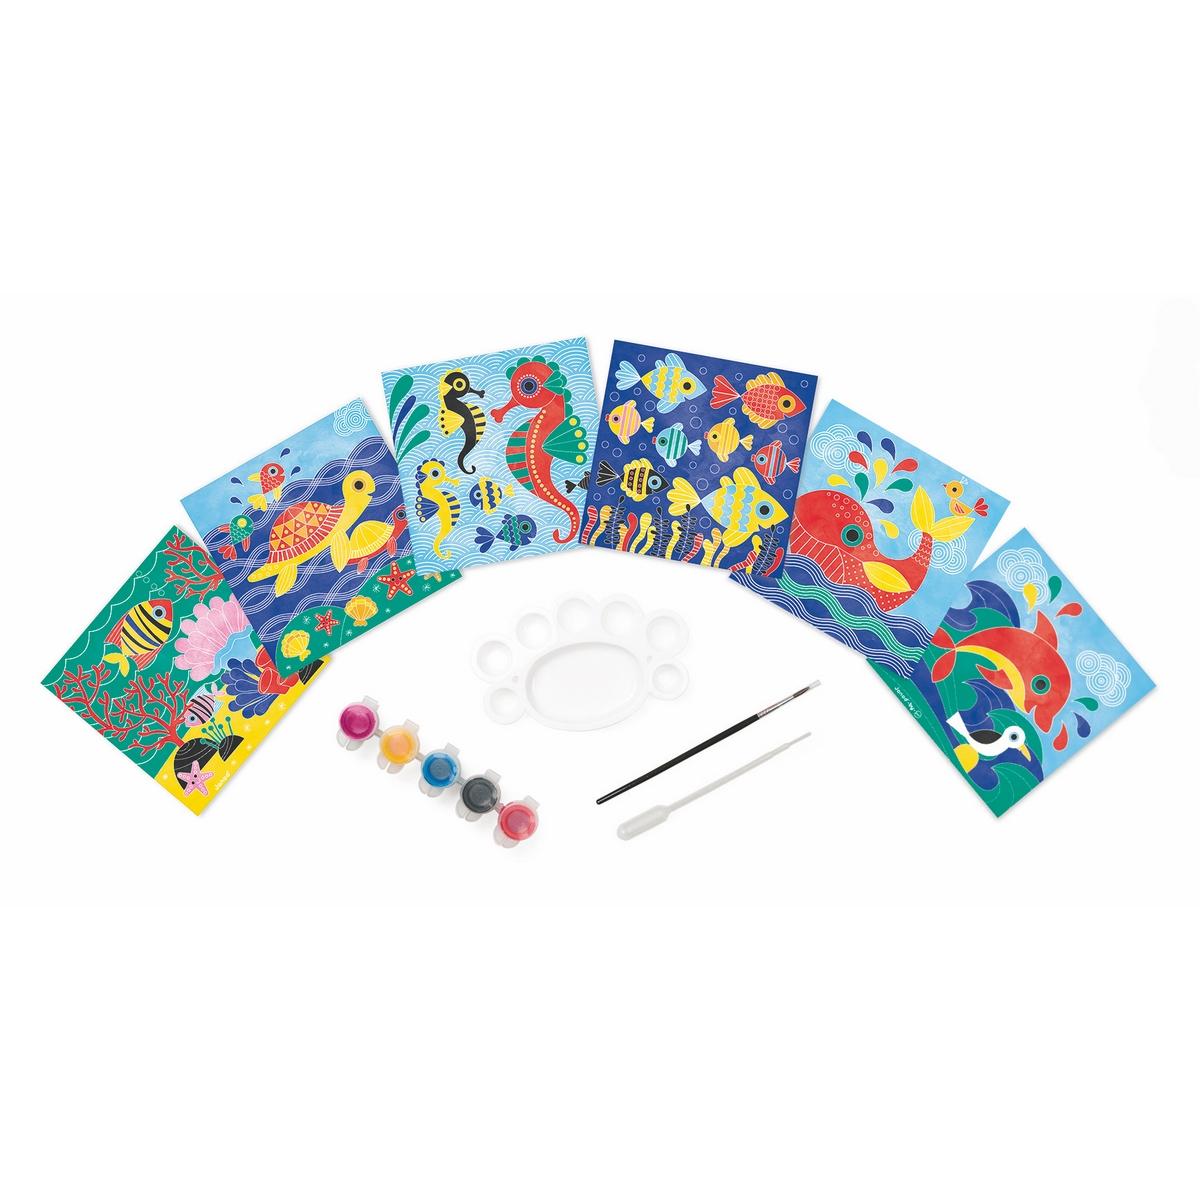 Janod Набор для творчества Рисуем водой Подводное царствоJ077636 карточек с рисунком, пластмассовая палитра для смешения красок пипетка, кисточка, 5 баночек с красками на водной основе (цвета: зеленый, желтый, синий, черный, красный). 1 удобный чемоданчик для хранения.